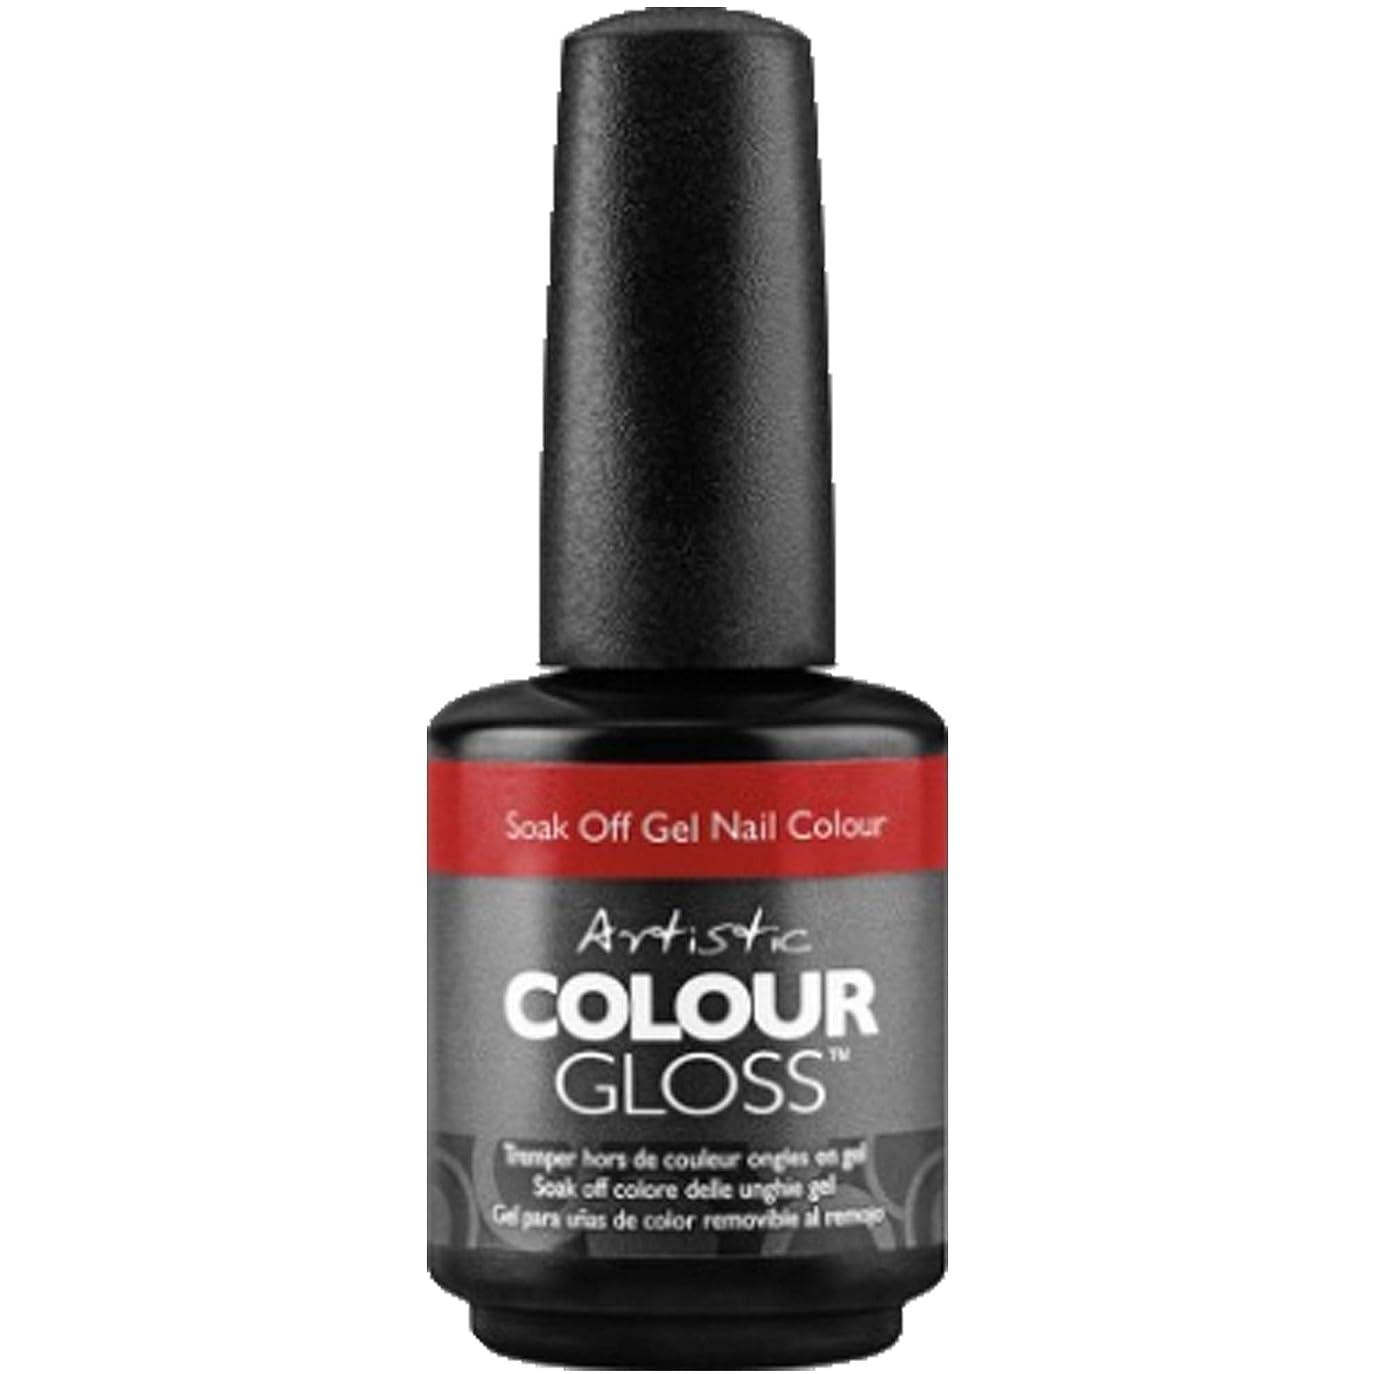 すみません中に爬虫類Artistic Colour Gloss - Social Diva - 0.5oz / 15ml